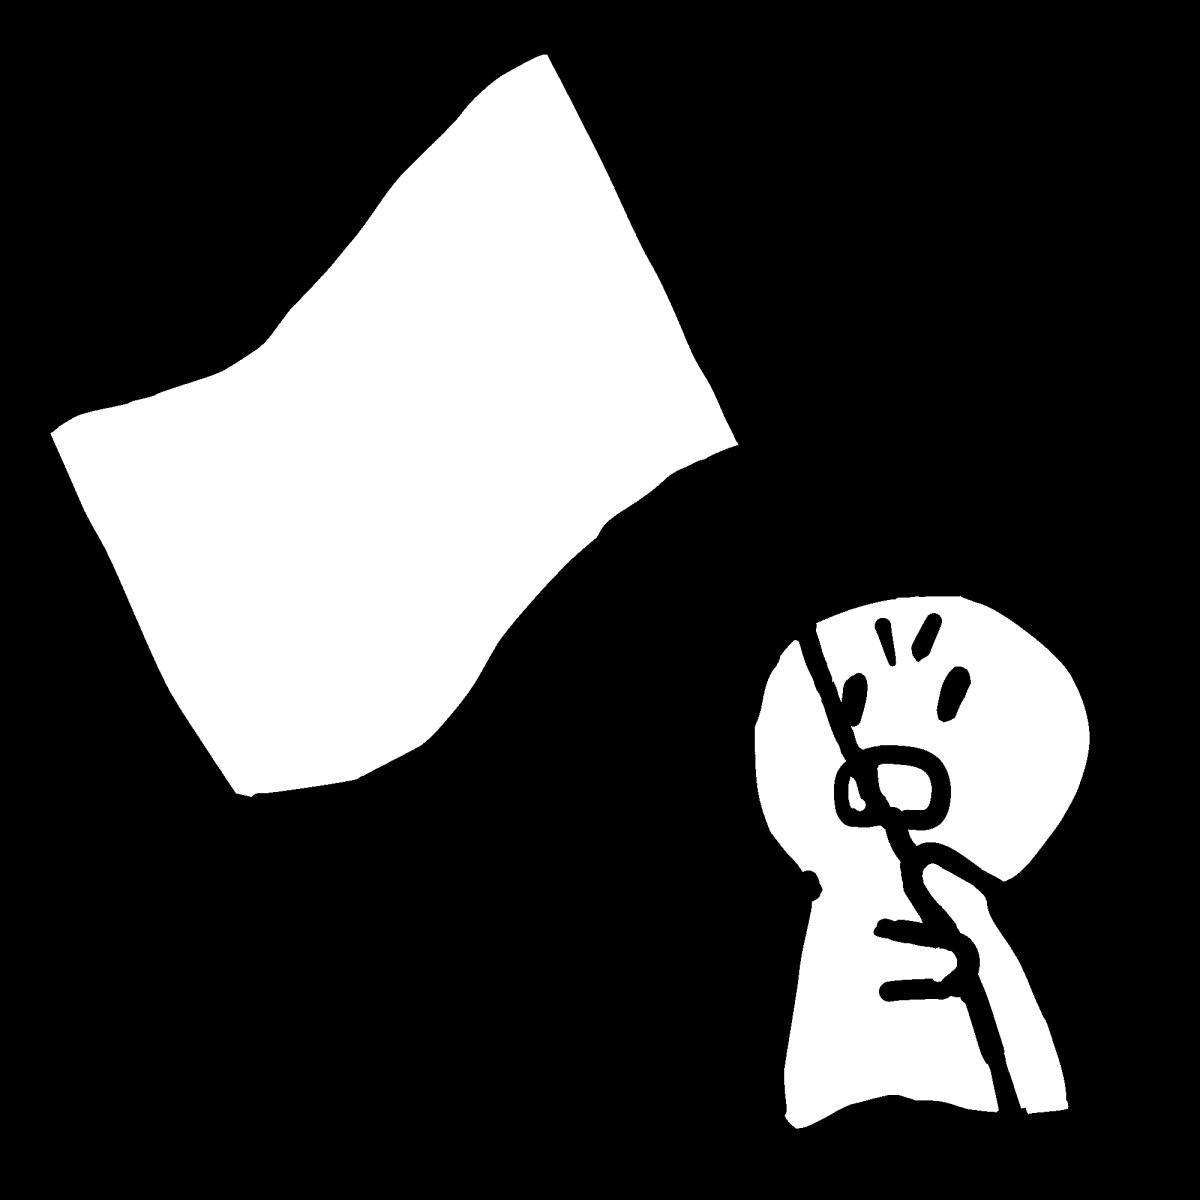 旗士が手旗を持つ1のイラスト a flagman holding a flag  Illustration